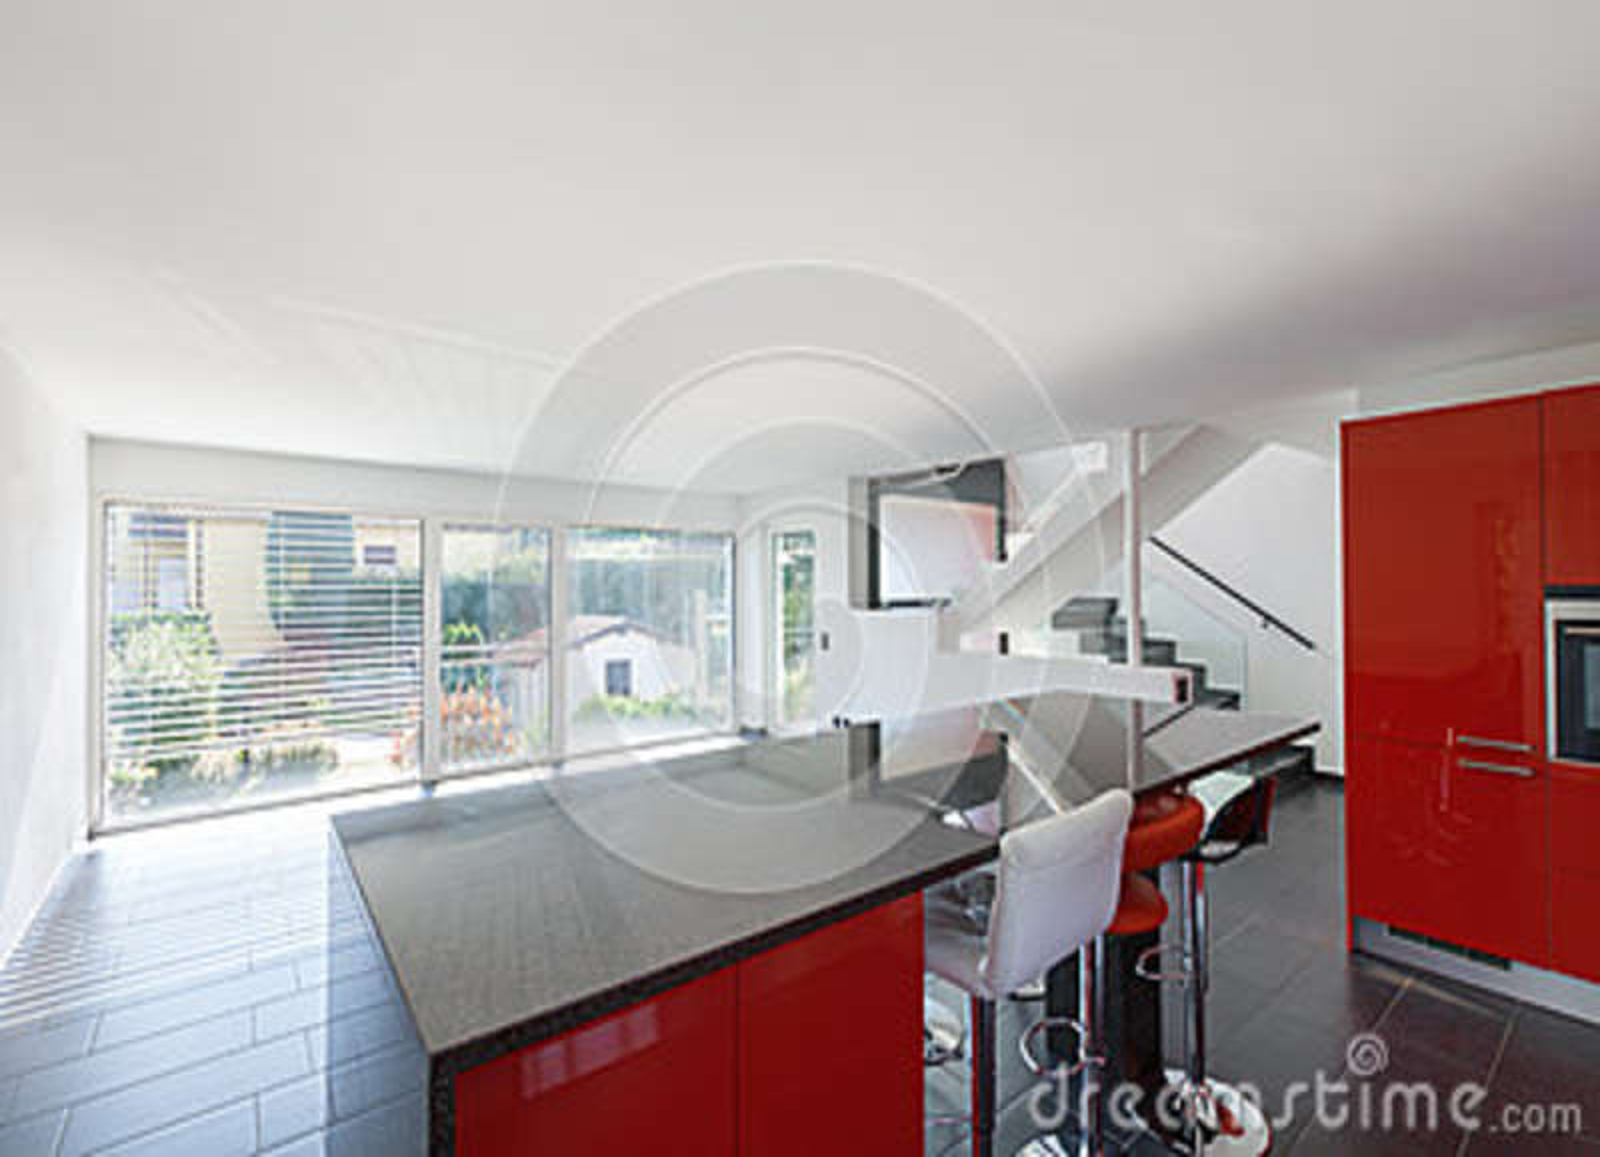 Cuisine vide int rieure de maison moderne salle manger - Vide sanitaire meuble cuisine ...